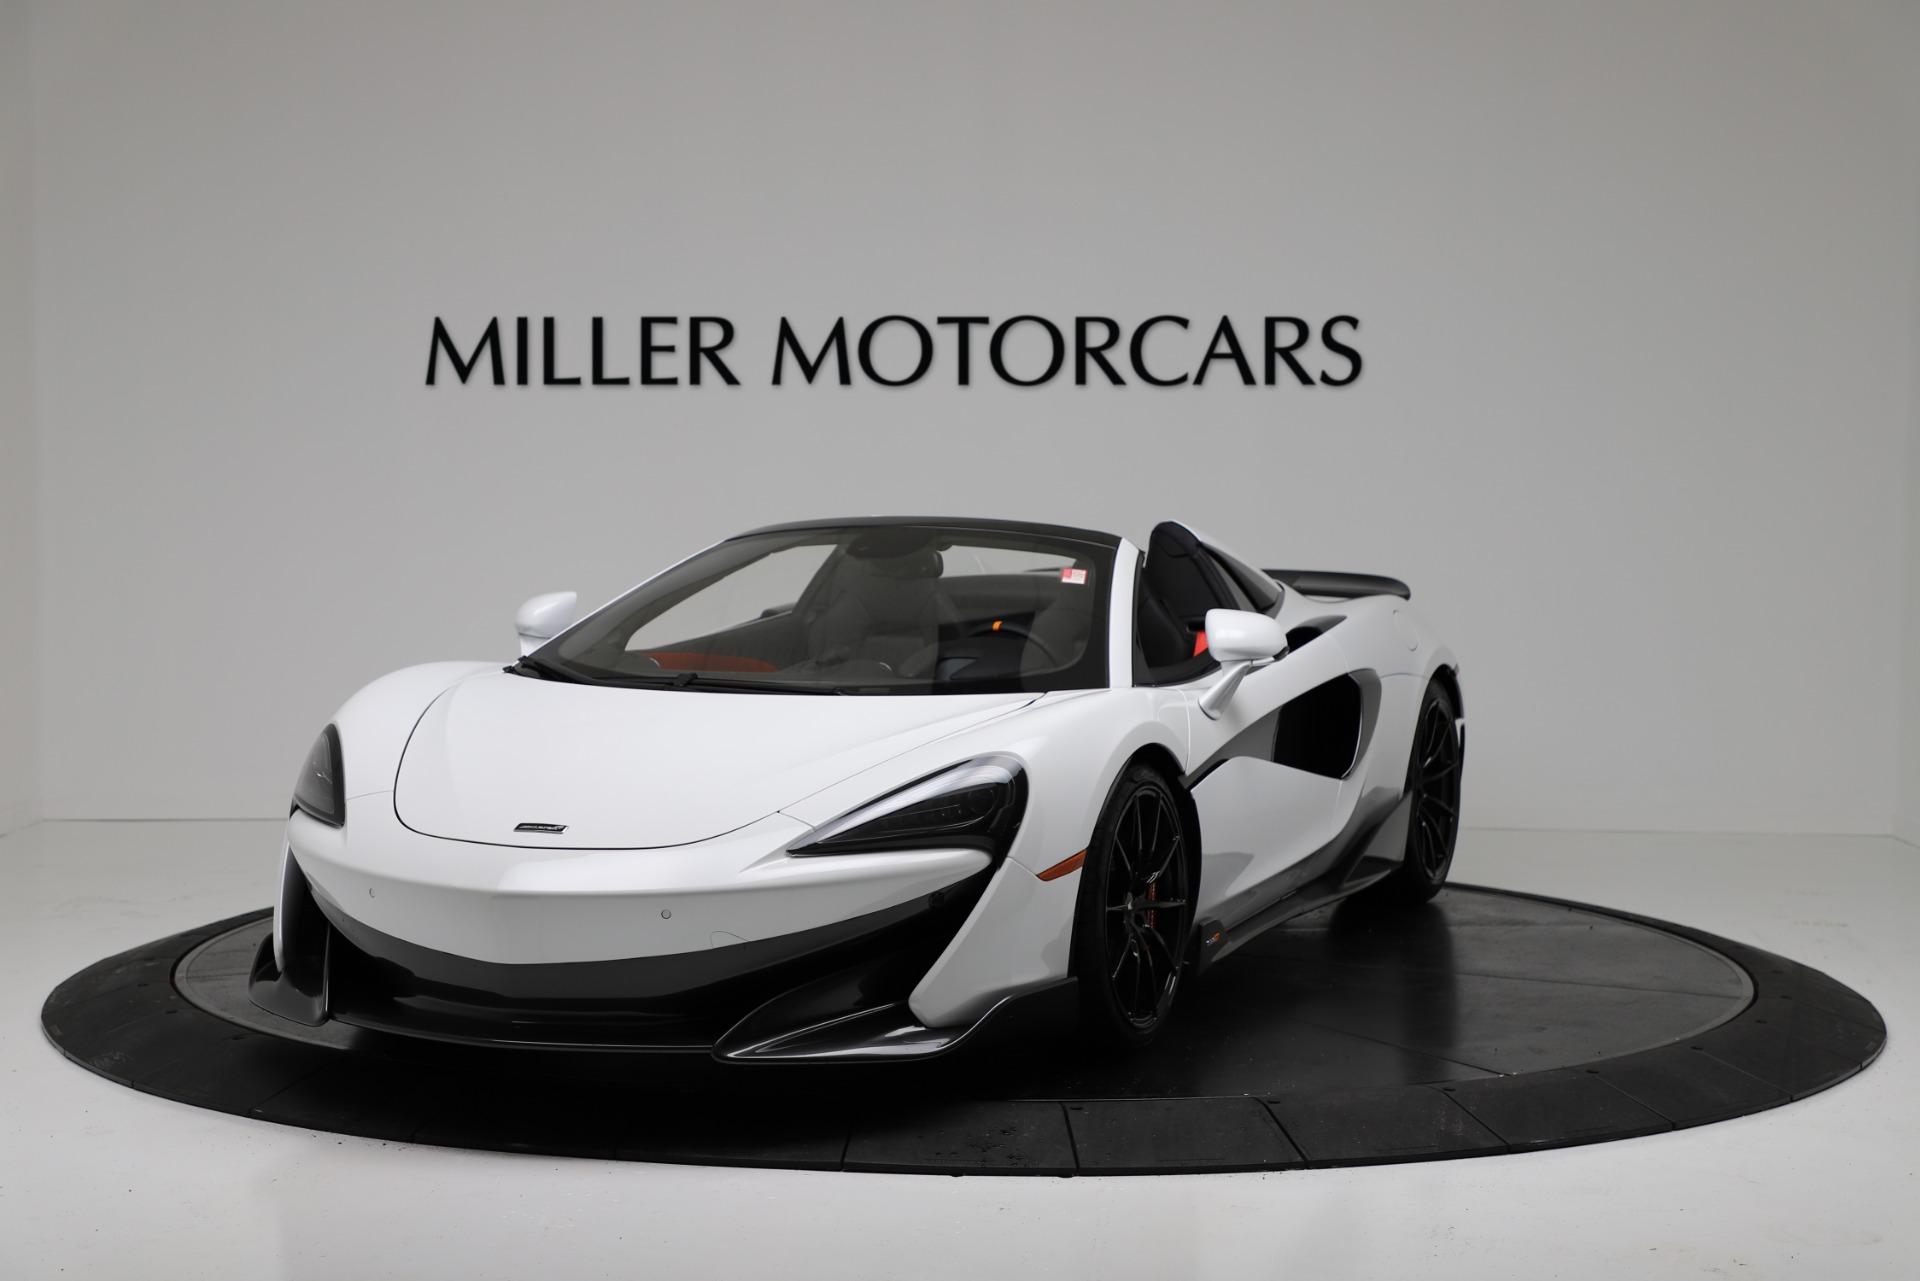 New 2020 McLaren 600LT Spider Convertible For Sale In Westport, CT 3314_p2